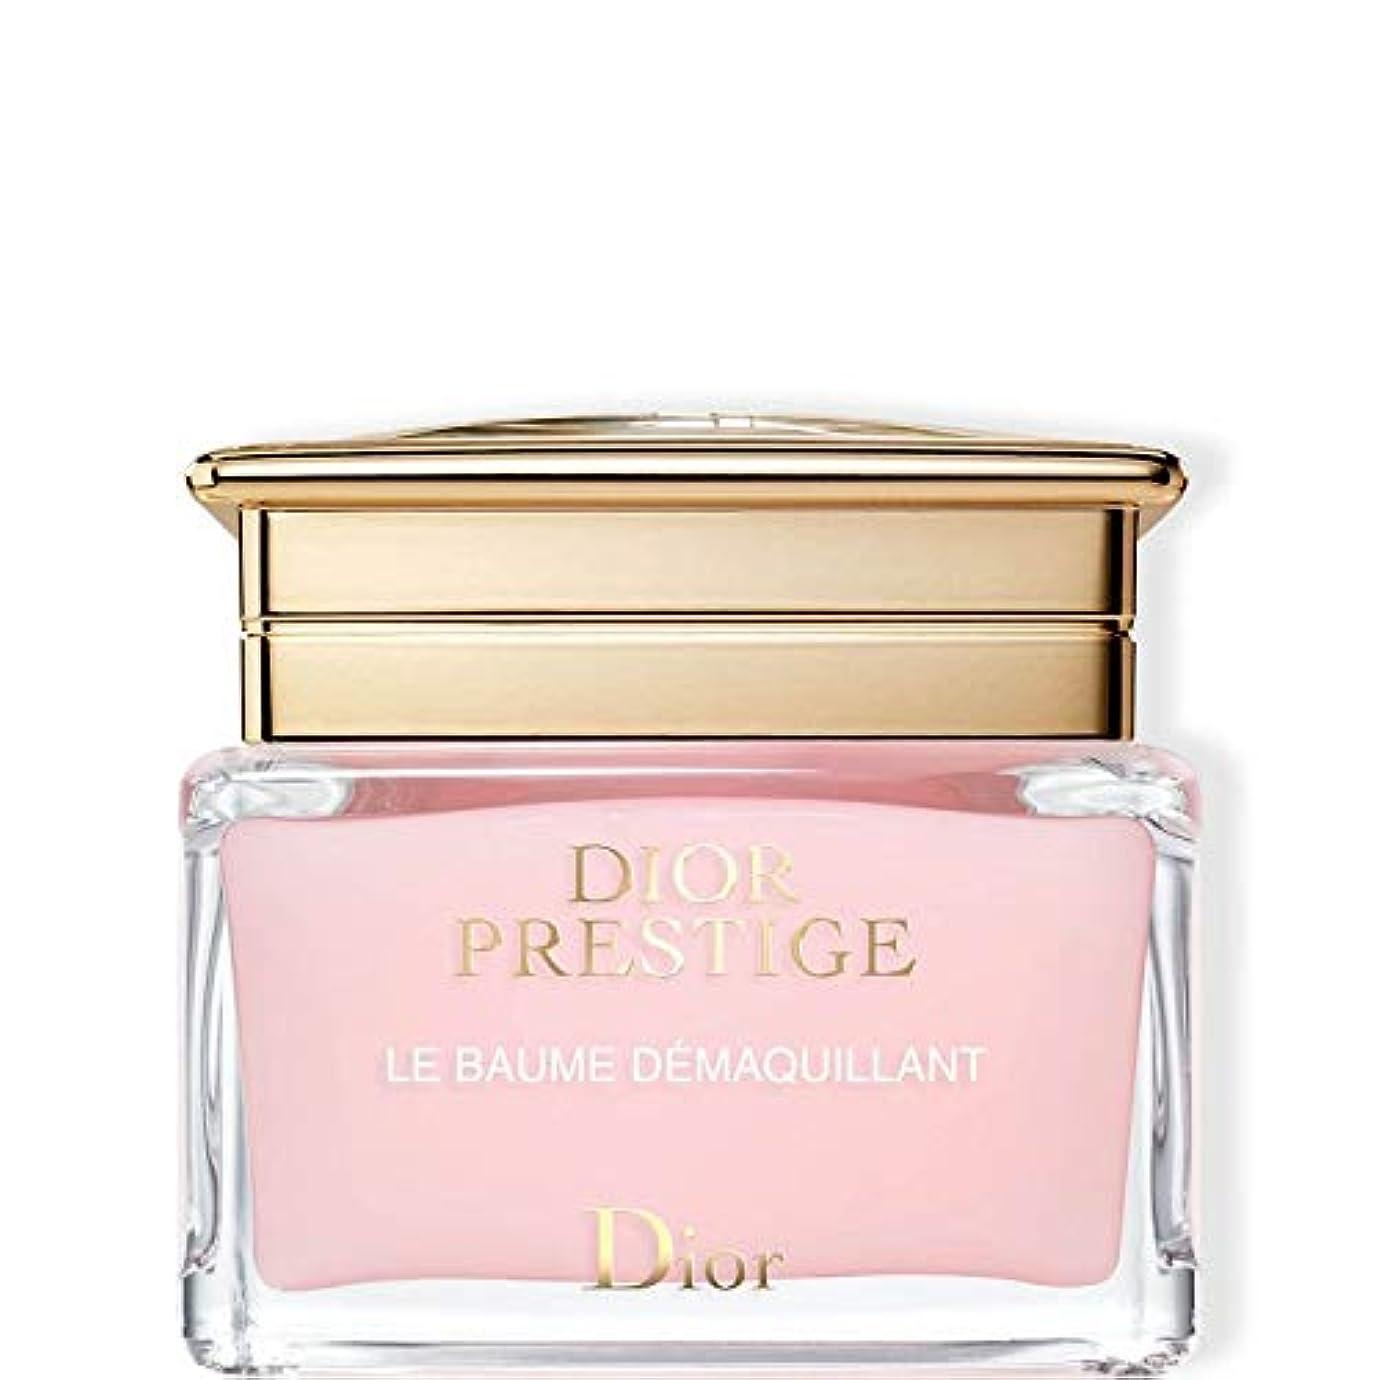 住人究極の不規則性Dior(ディオール) プレステージ ル バーム デマキャント 150mL